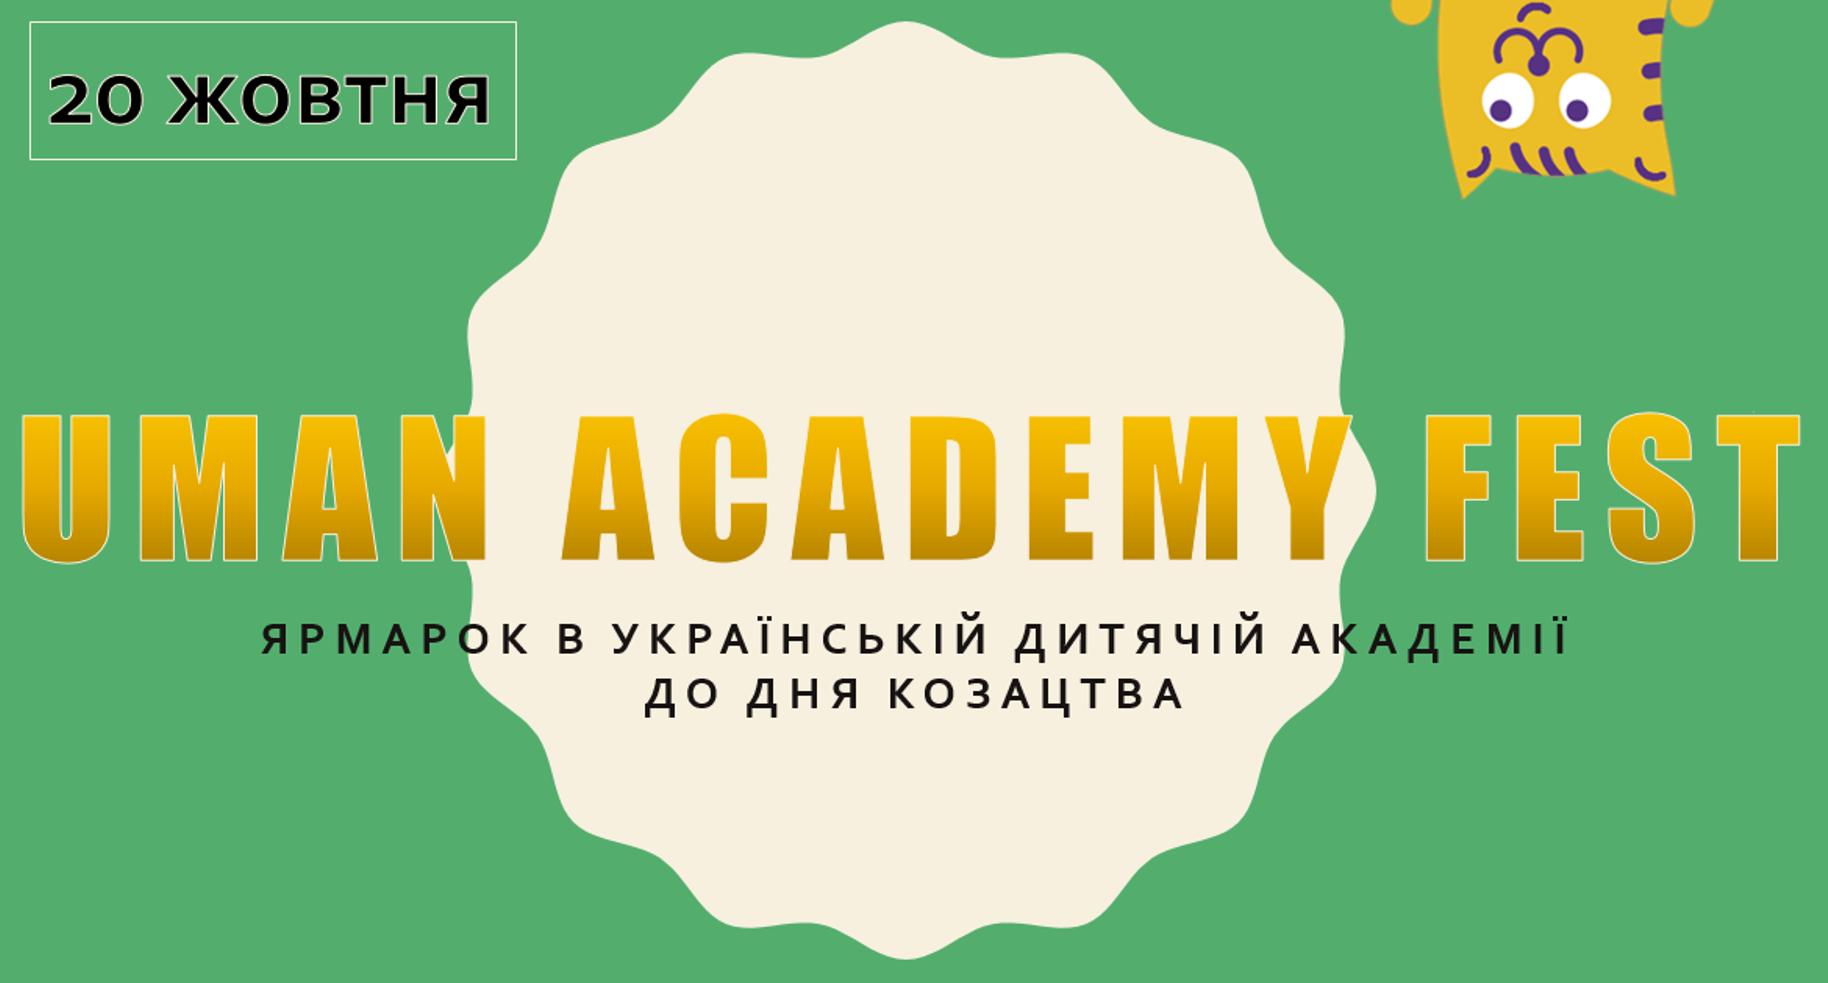 Українська дитяча академіязапрошує дорослих та дітей 20 жовтня на ярмарок «Uman Academy Fest»!